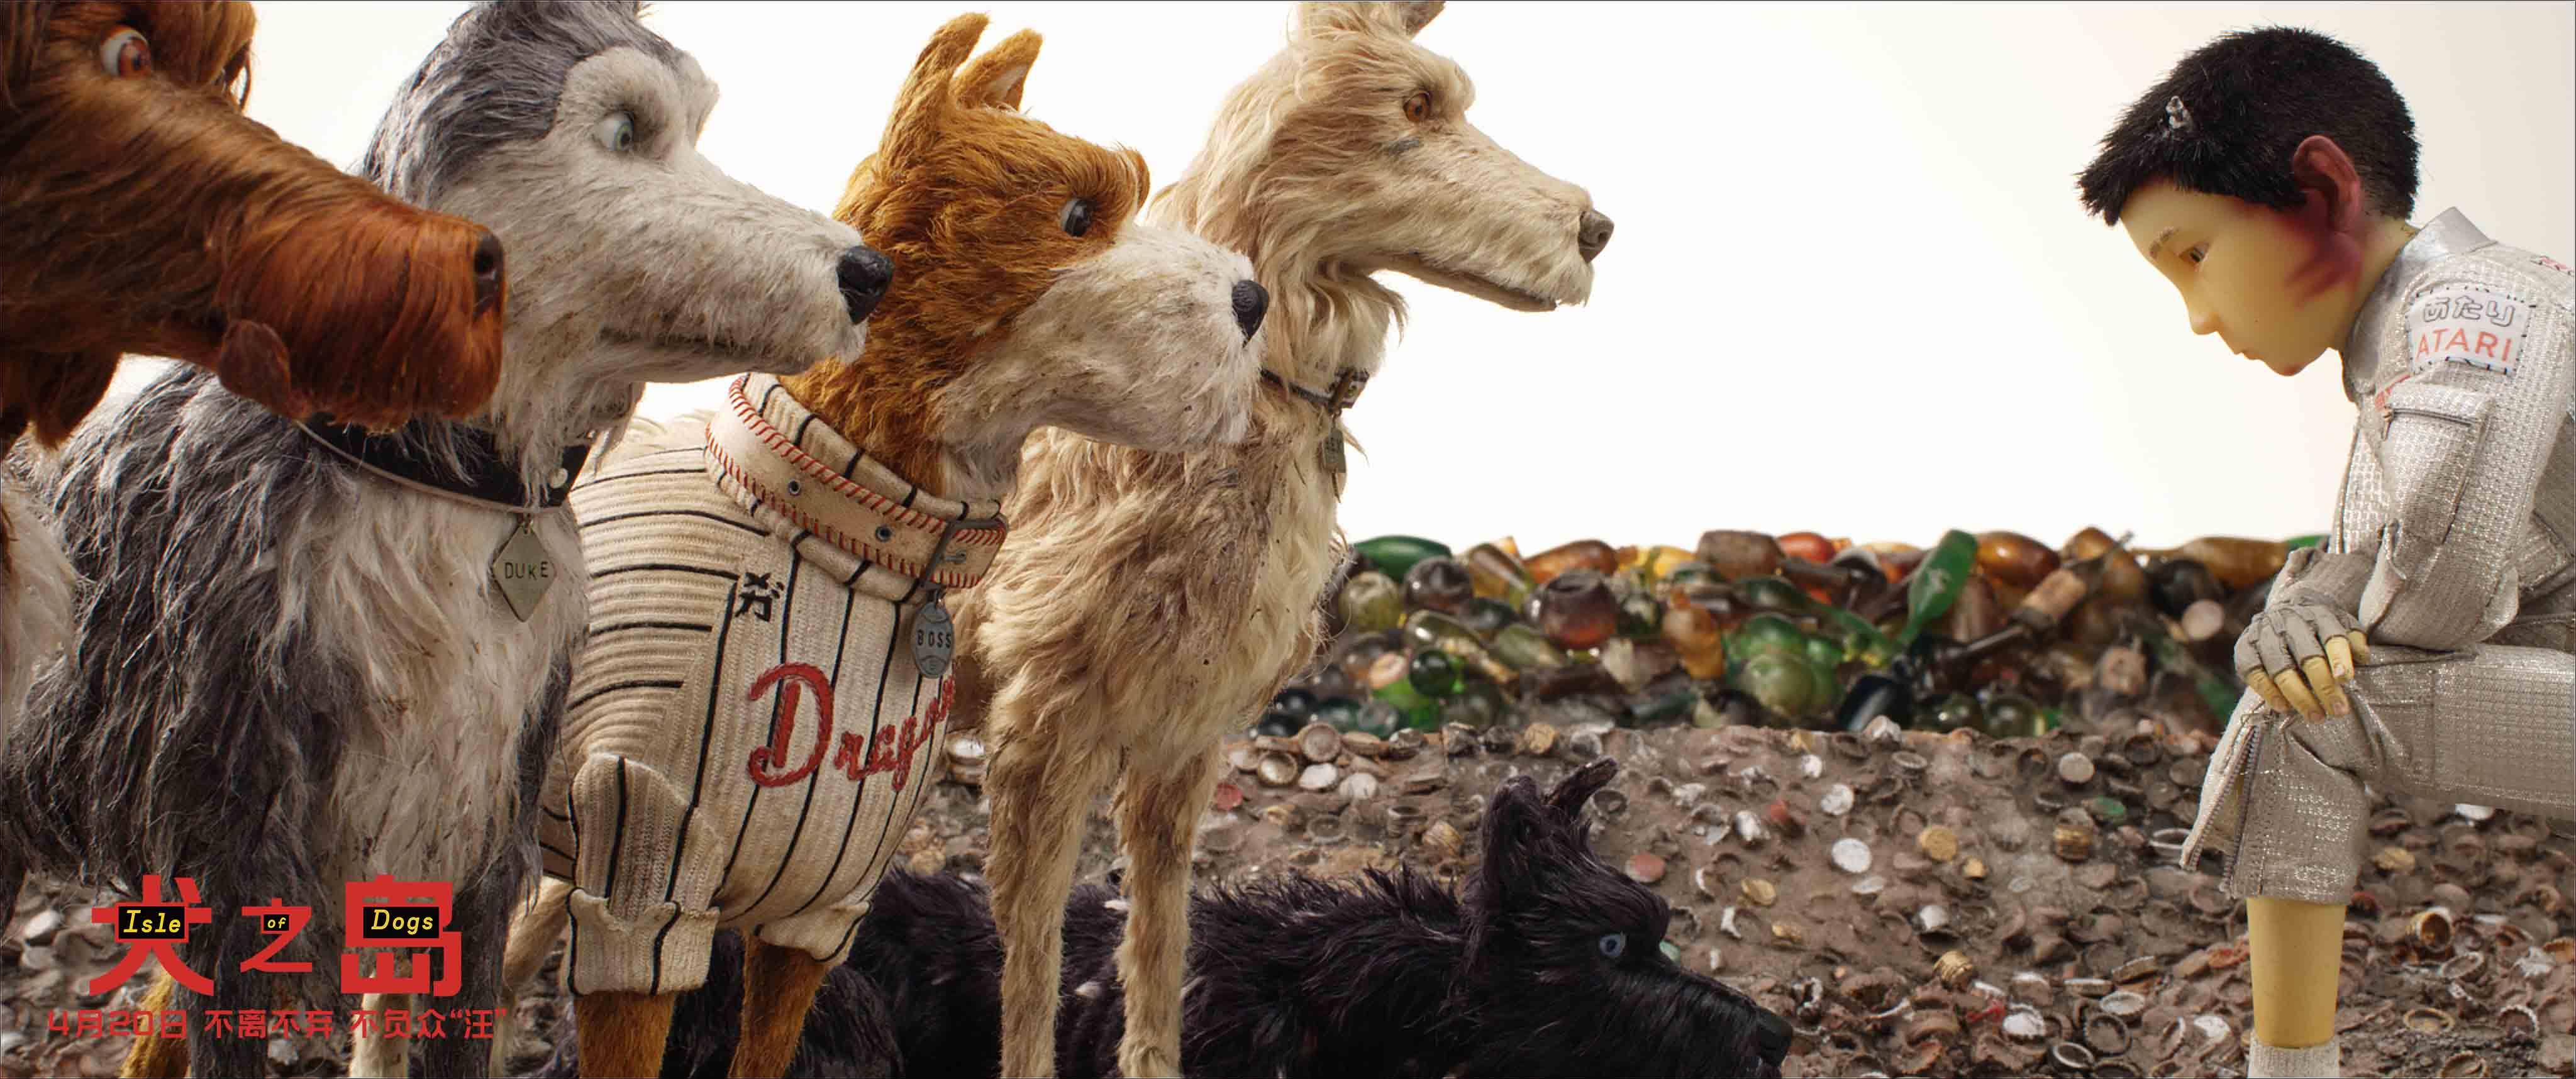 《犬之岛》亮相北影节展映 获业内外好评